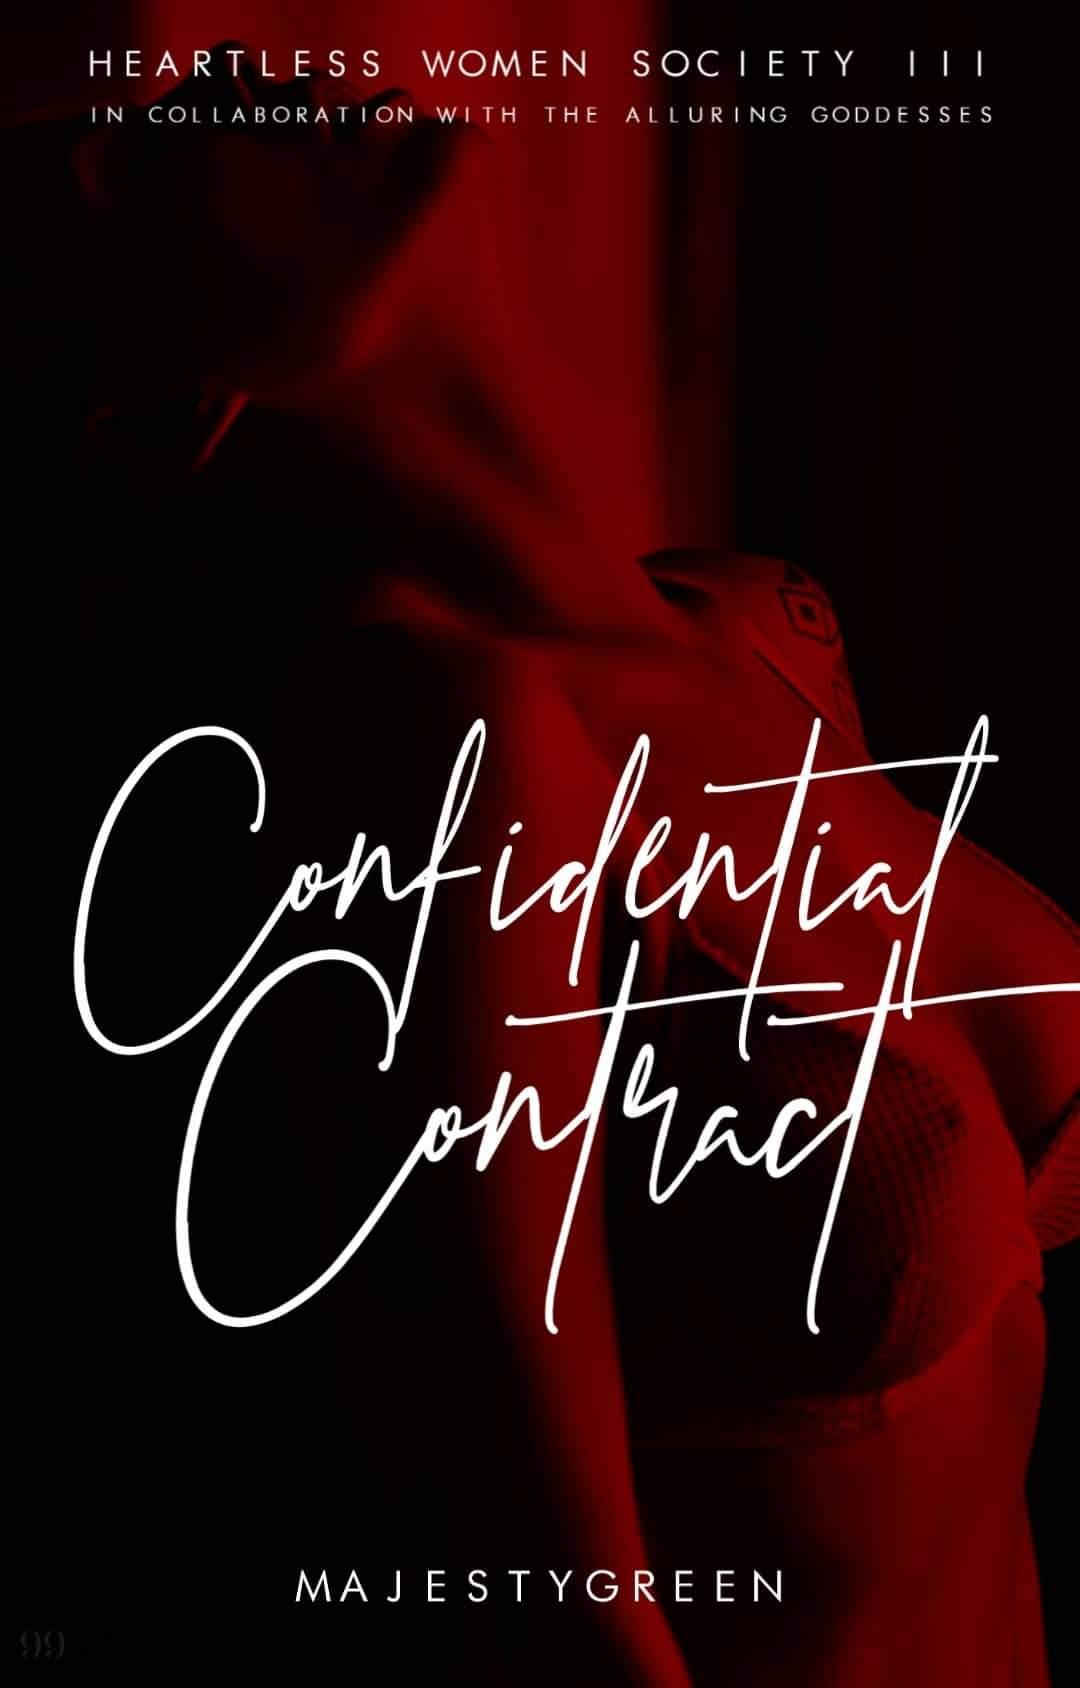 HWS Book 3: Confidential Contract